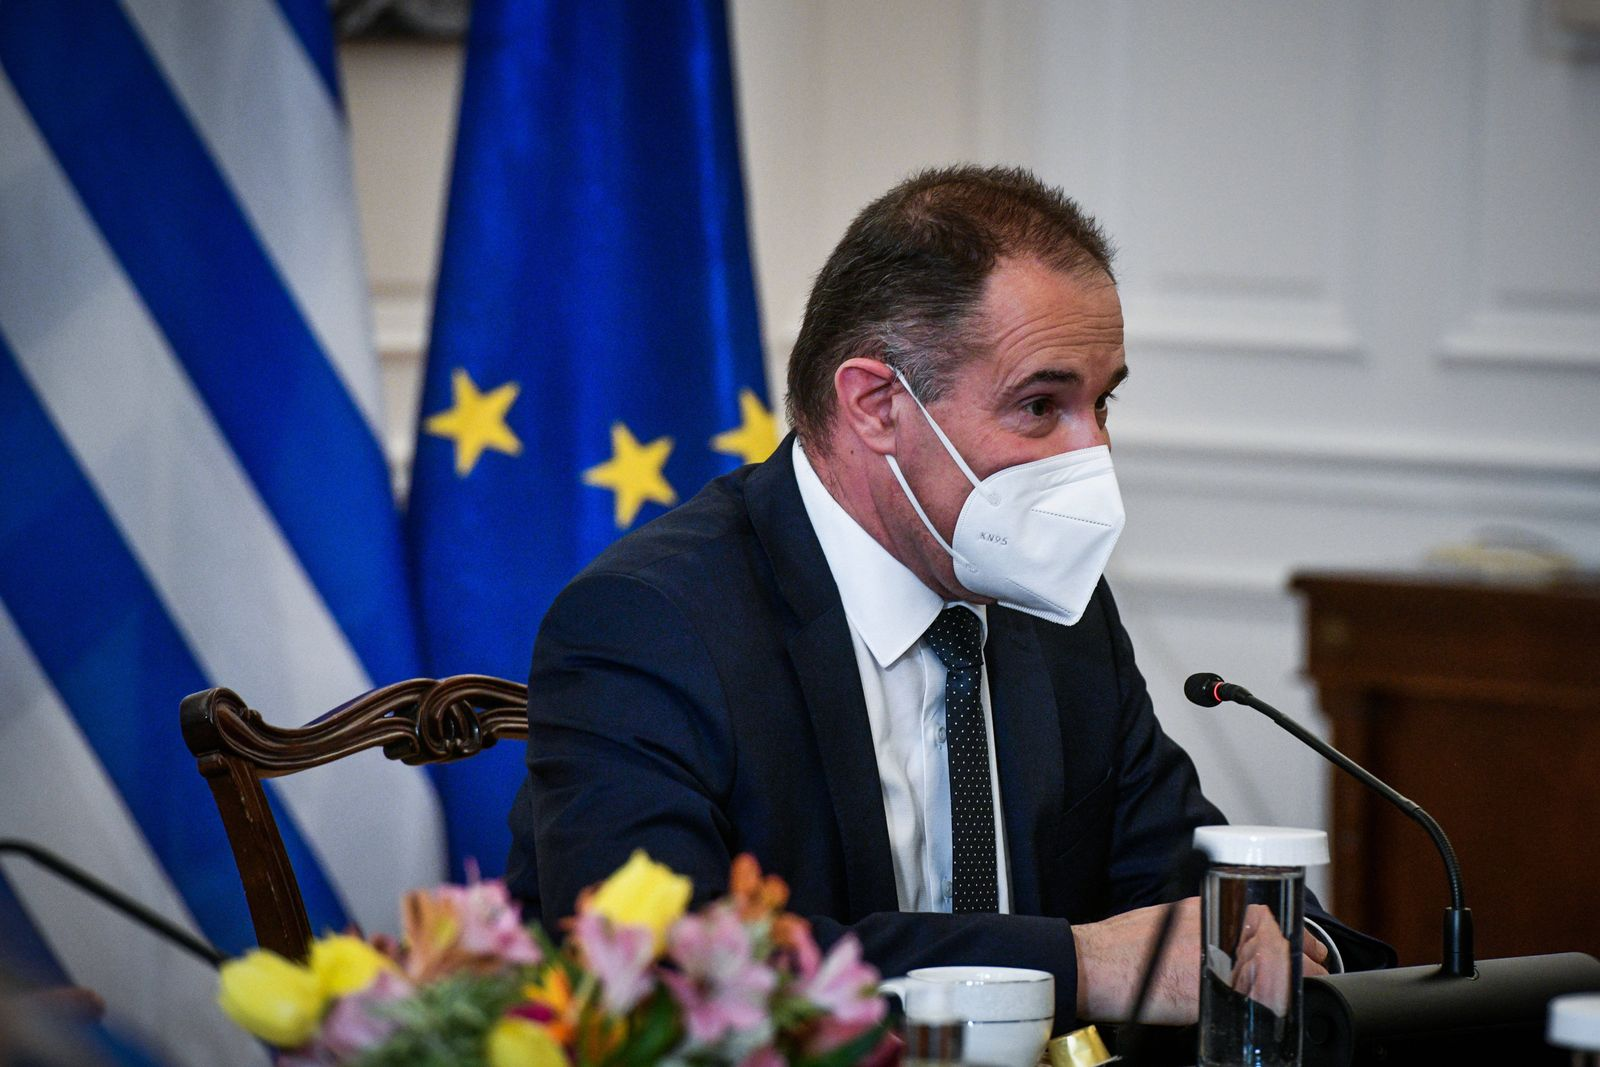 Athen, Griechenland - Griechenland s Premierminister Kyriakos Mitsotakis trifft Fabrice Leggeri (im Bild), Direktor der